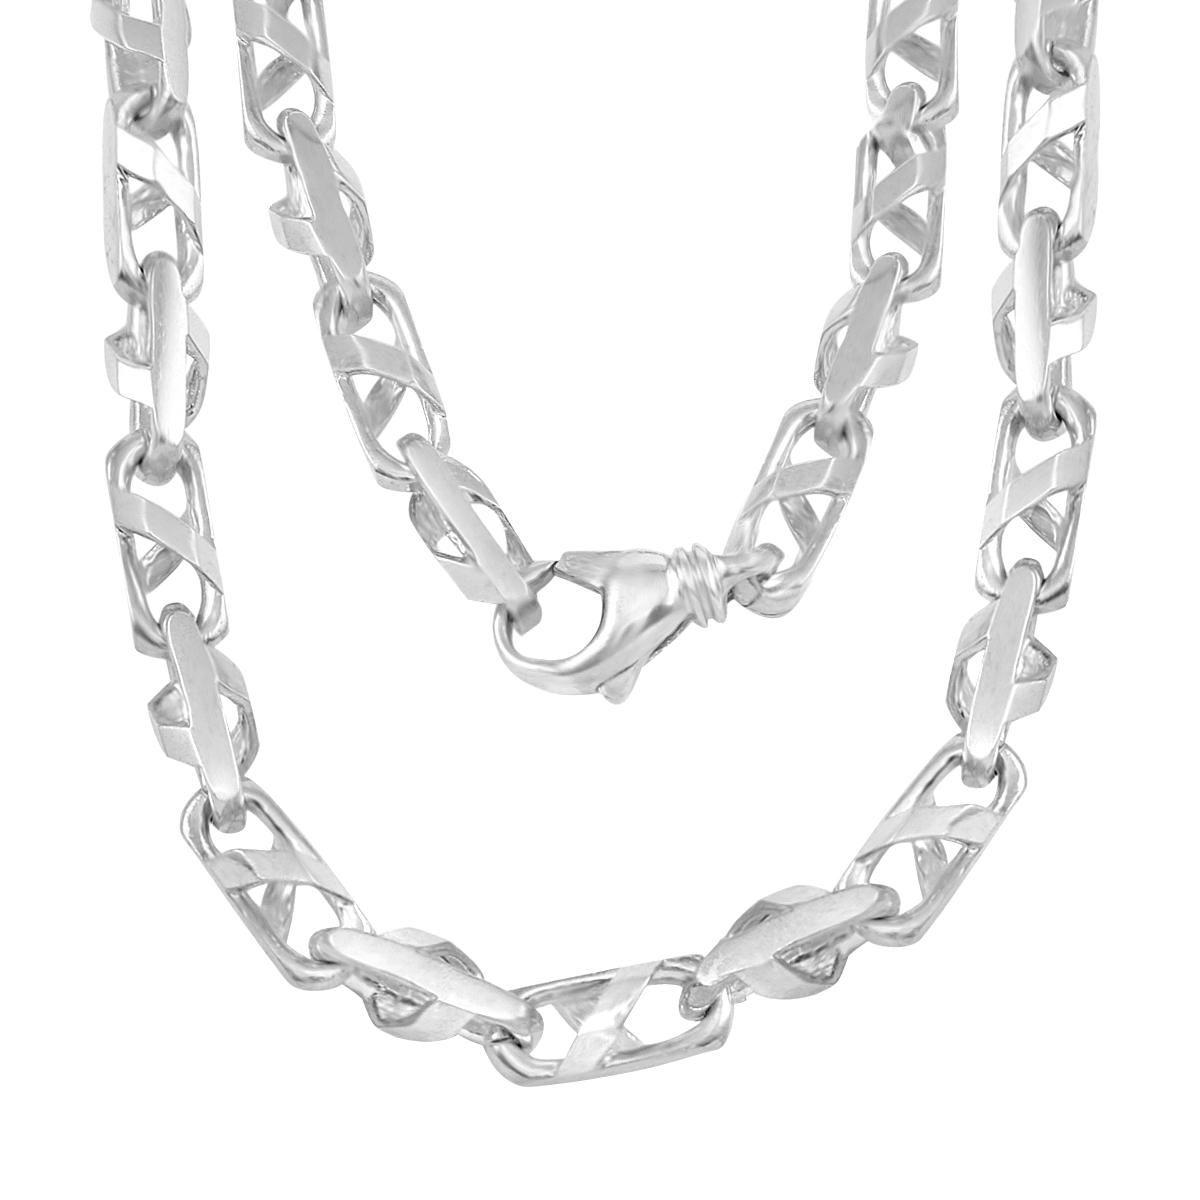 1200x1200 Gold Chain B313 Garo Jewelry